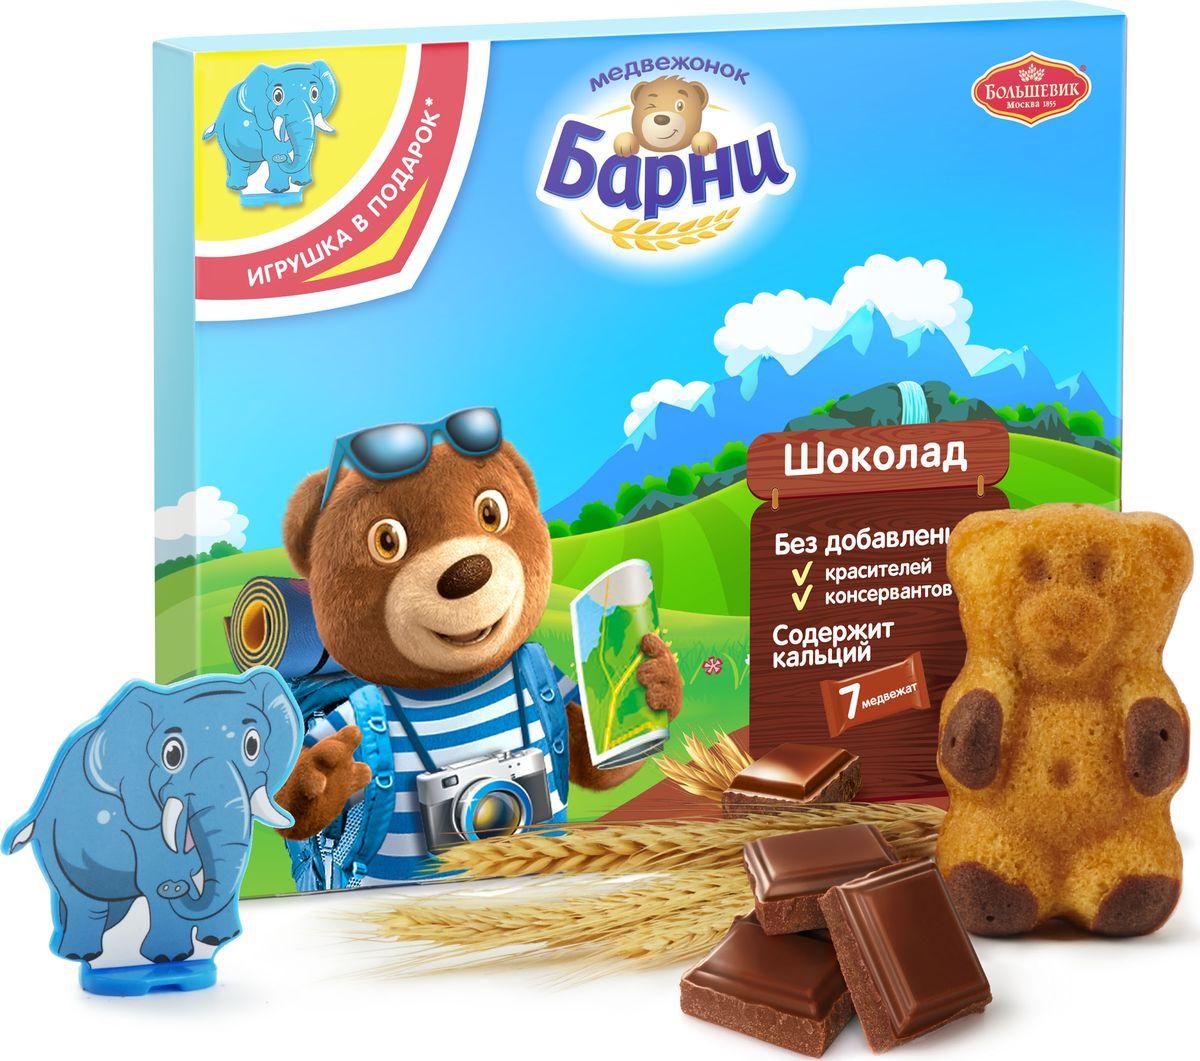 Барни Медвежонок пирожное бисквитное с молочной начинкой, 210 г барни шоколад